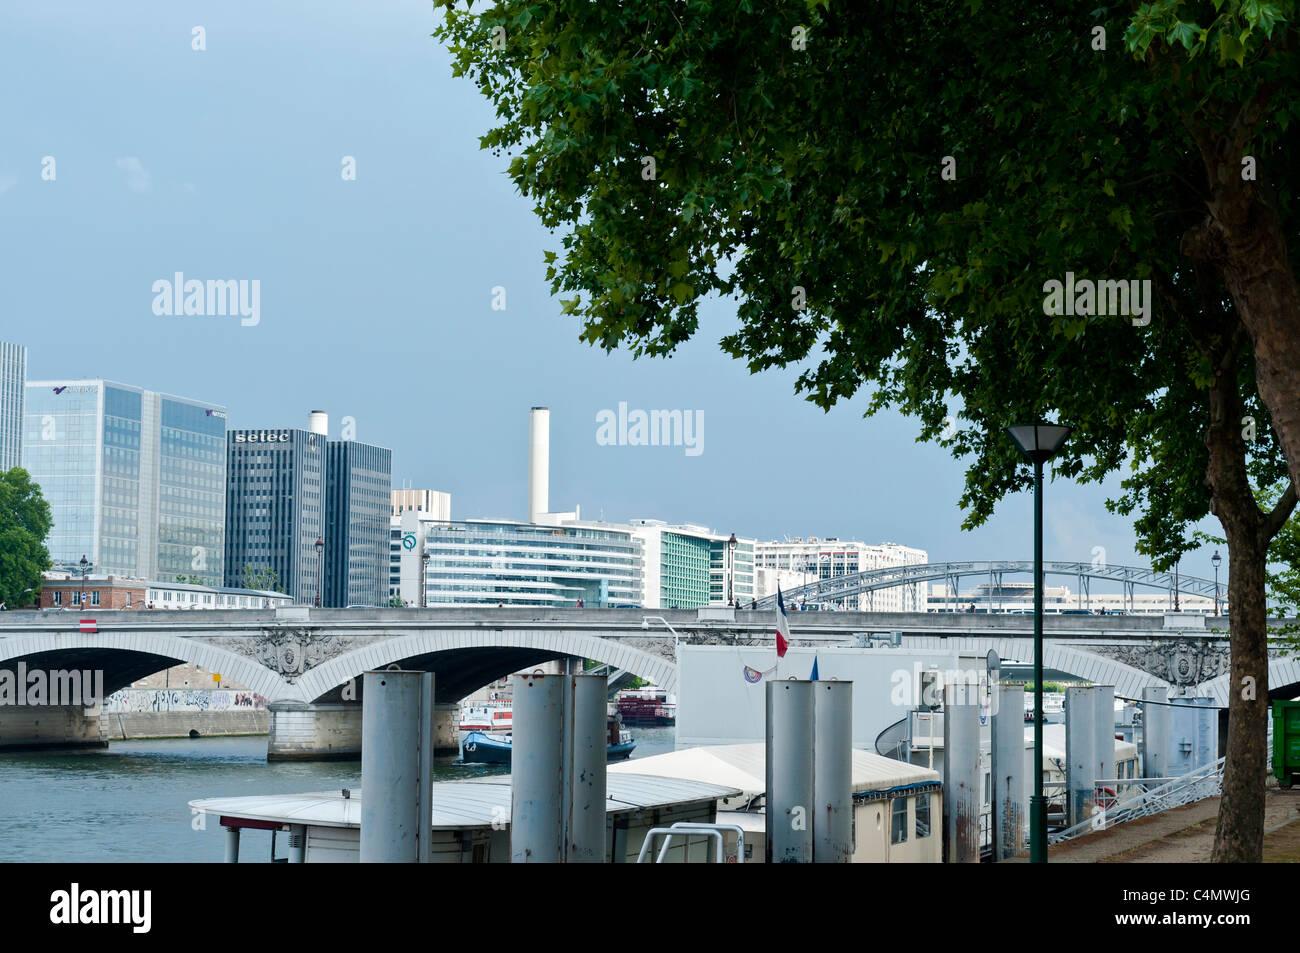 Paris Bercy, Business neighborhood, Paris, France. - Stock Image